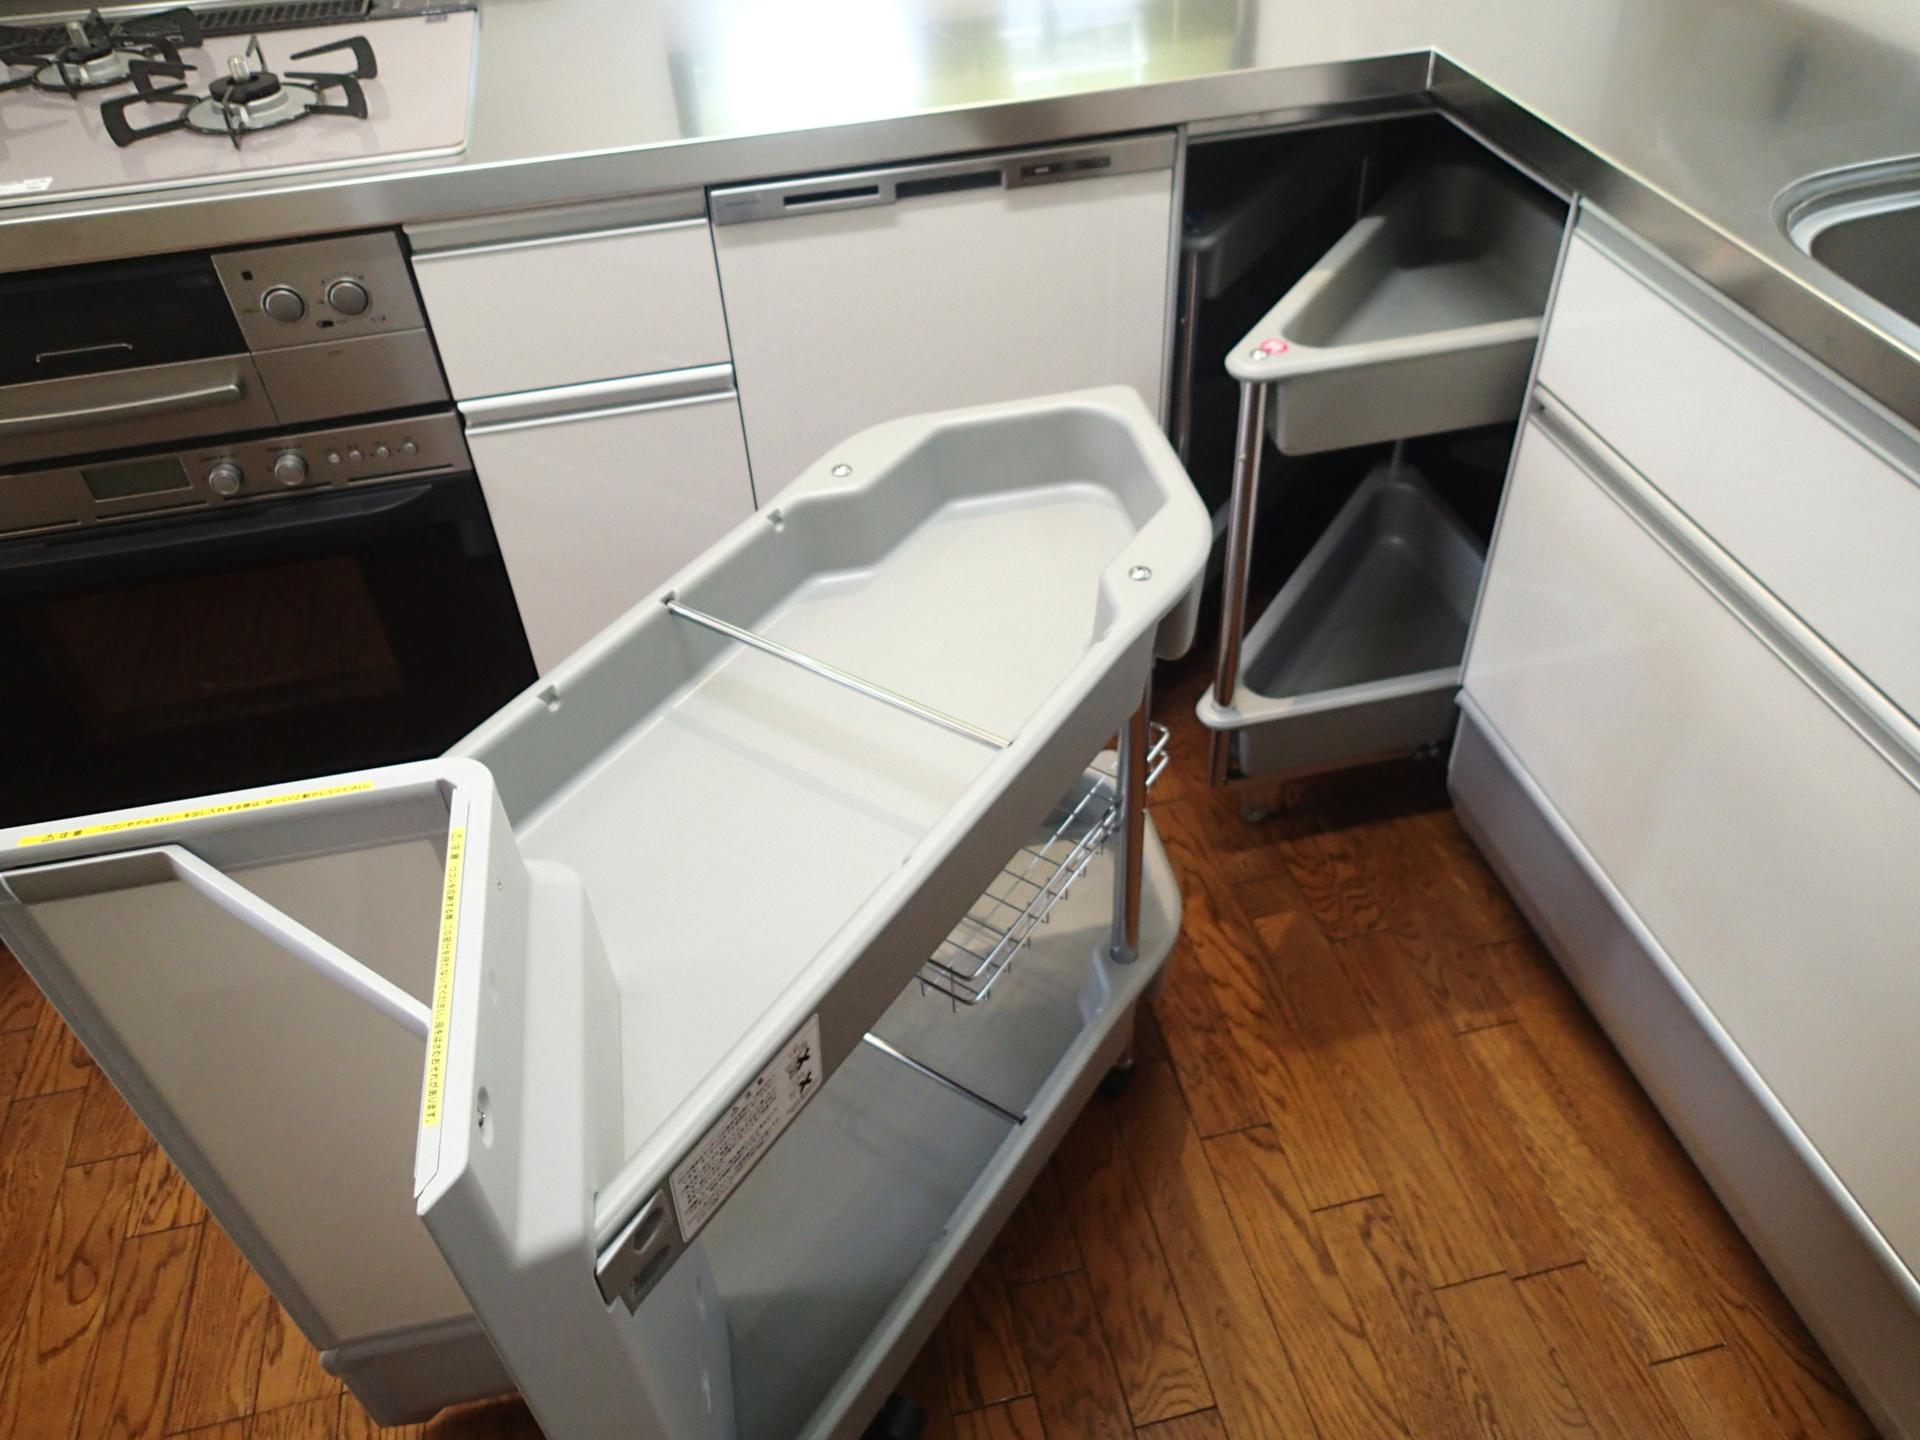 収納力抜群のコーナー収納。コーナー部分でも無駄なスペースなく活用できます。